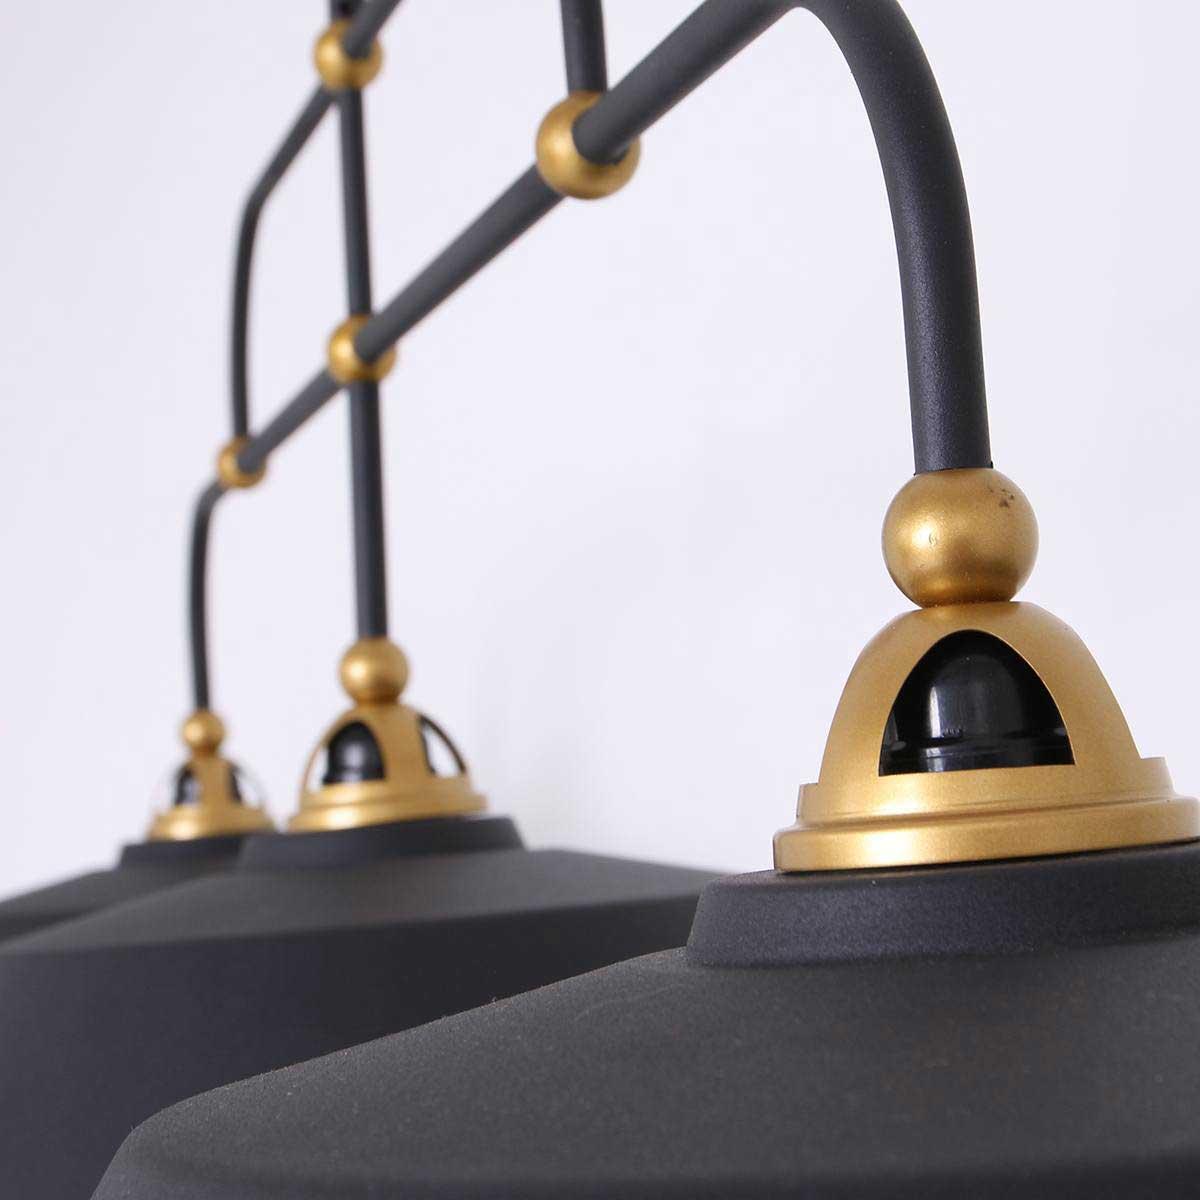 Hanglamp 3-lichts metaal MEXLITE - 1319ZW - hanglamp- industrieel- Mexlite